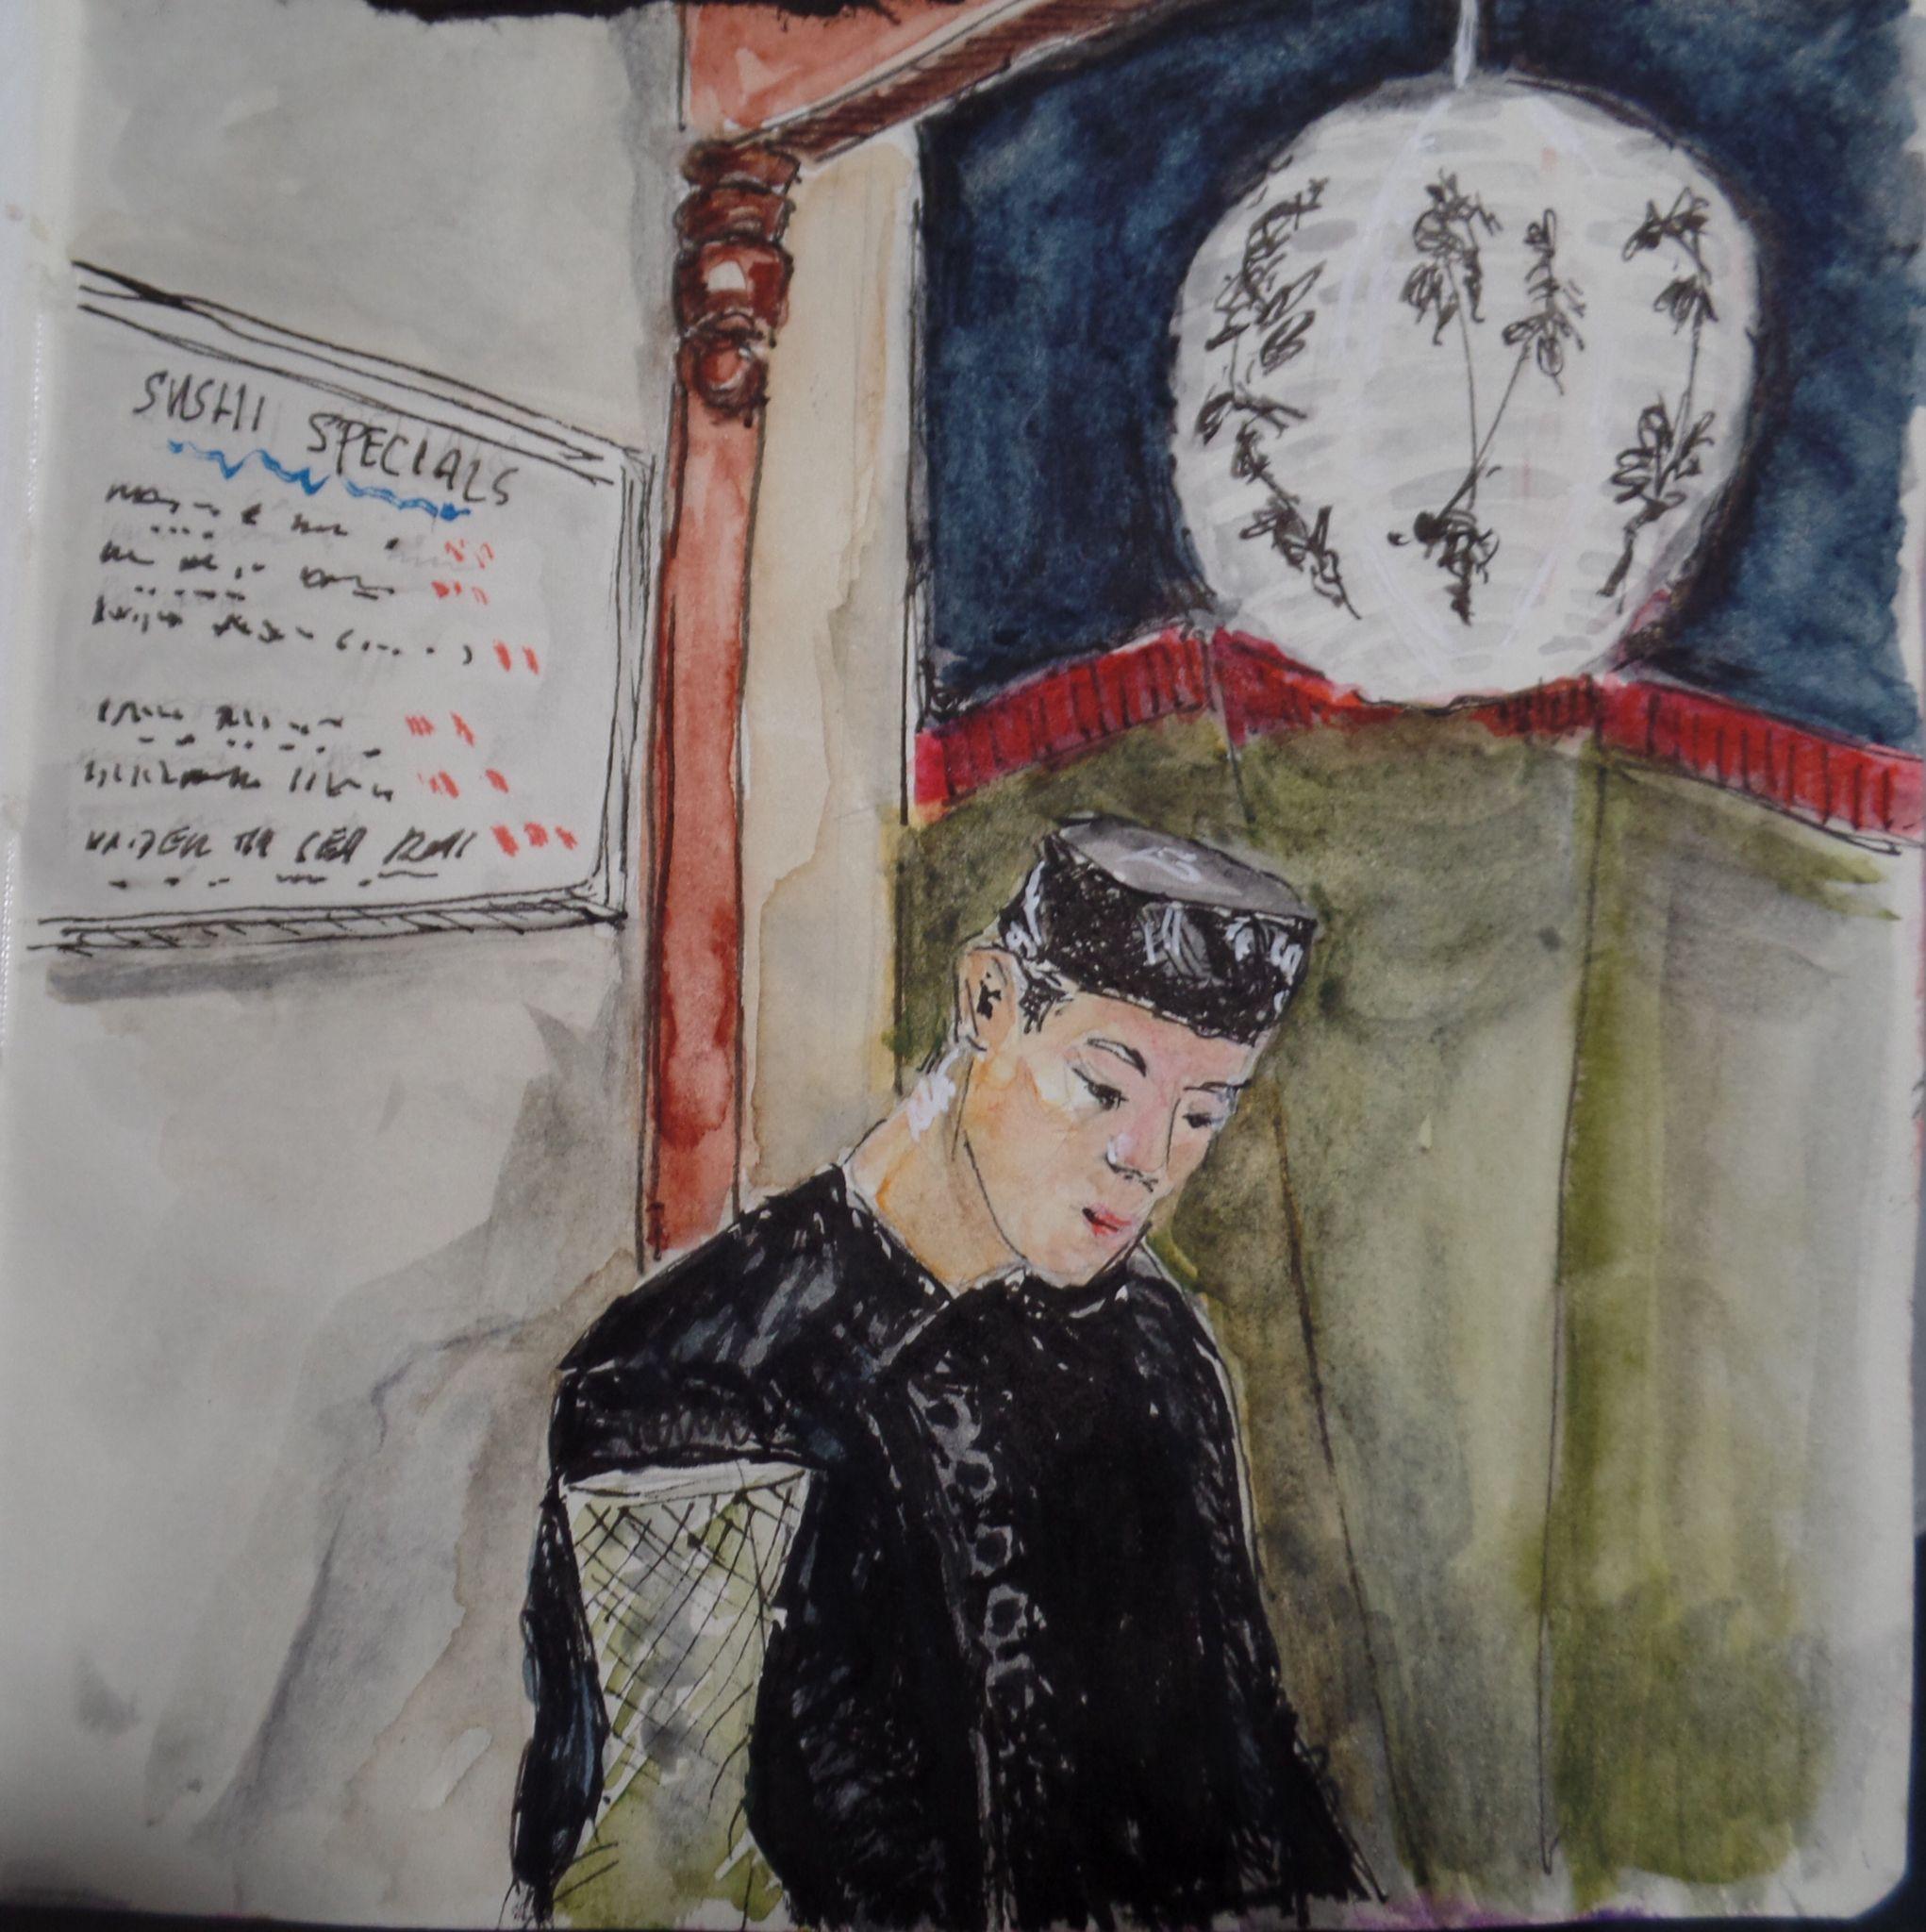 Watercolor, Sketch, Sketchbook, Sushi Bar, Urban Sketching, NB orig